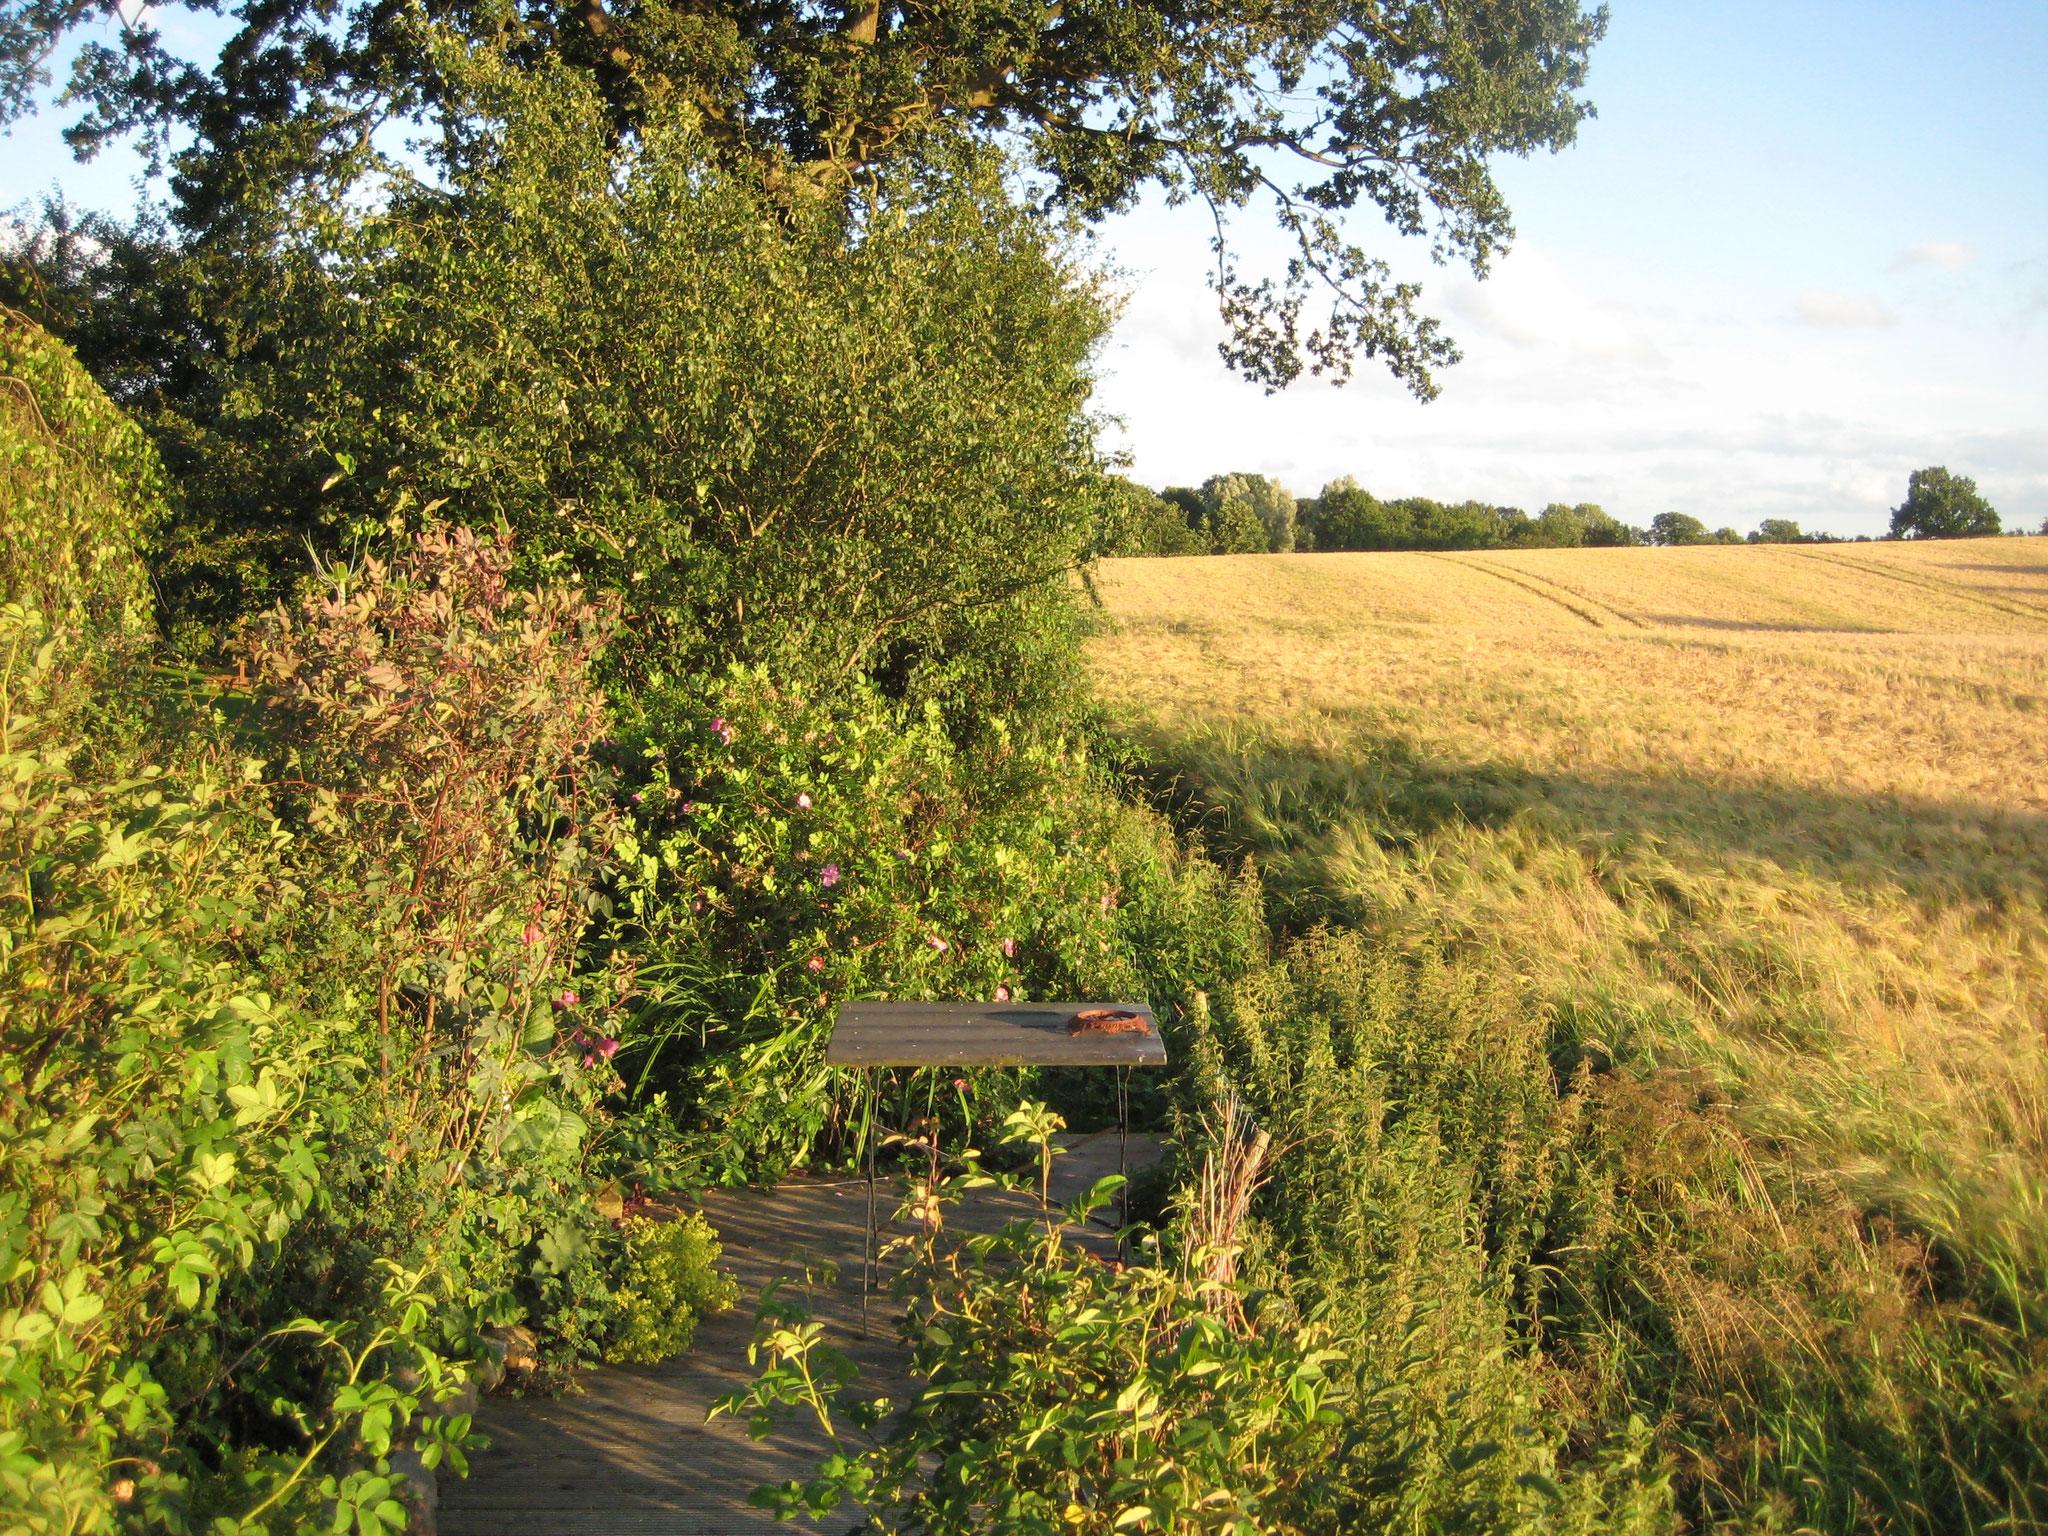 Eines der angrenzenden Felder im Abendlicht.